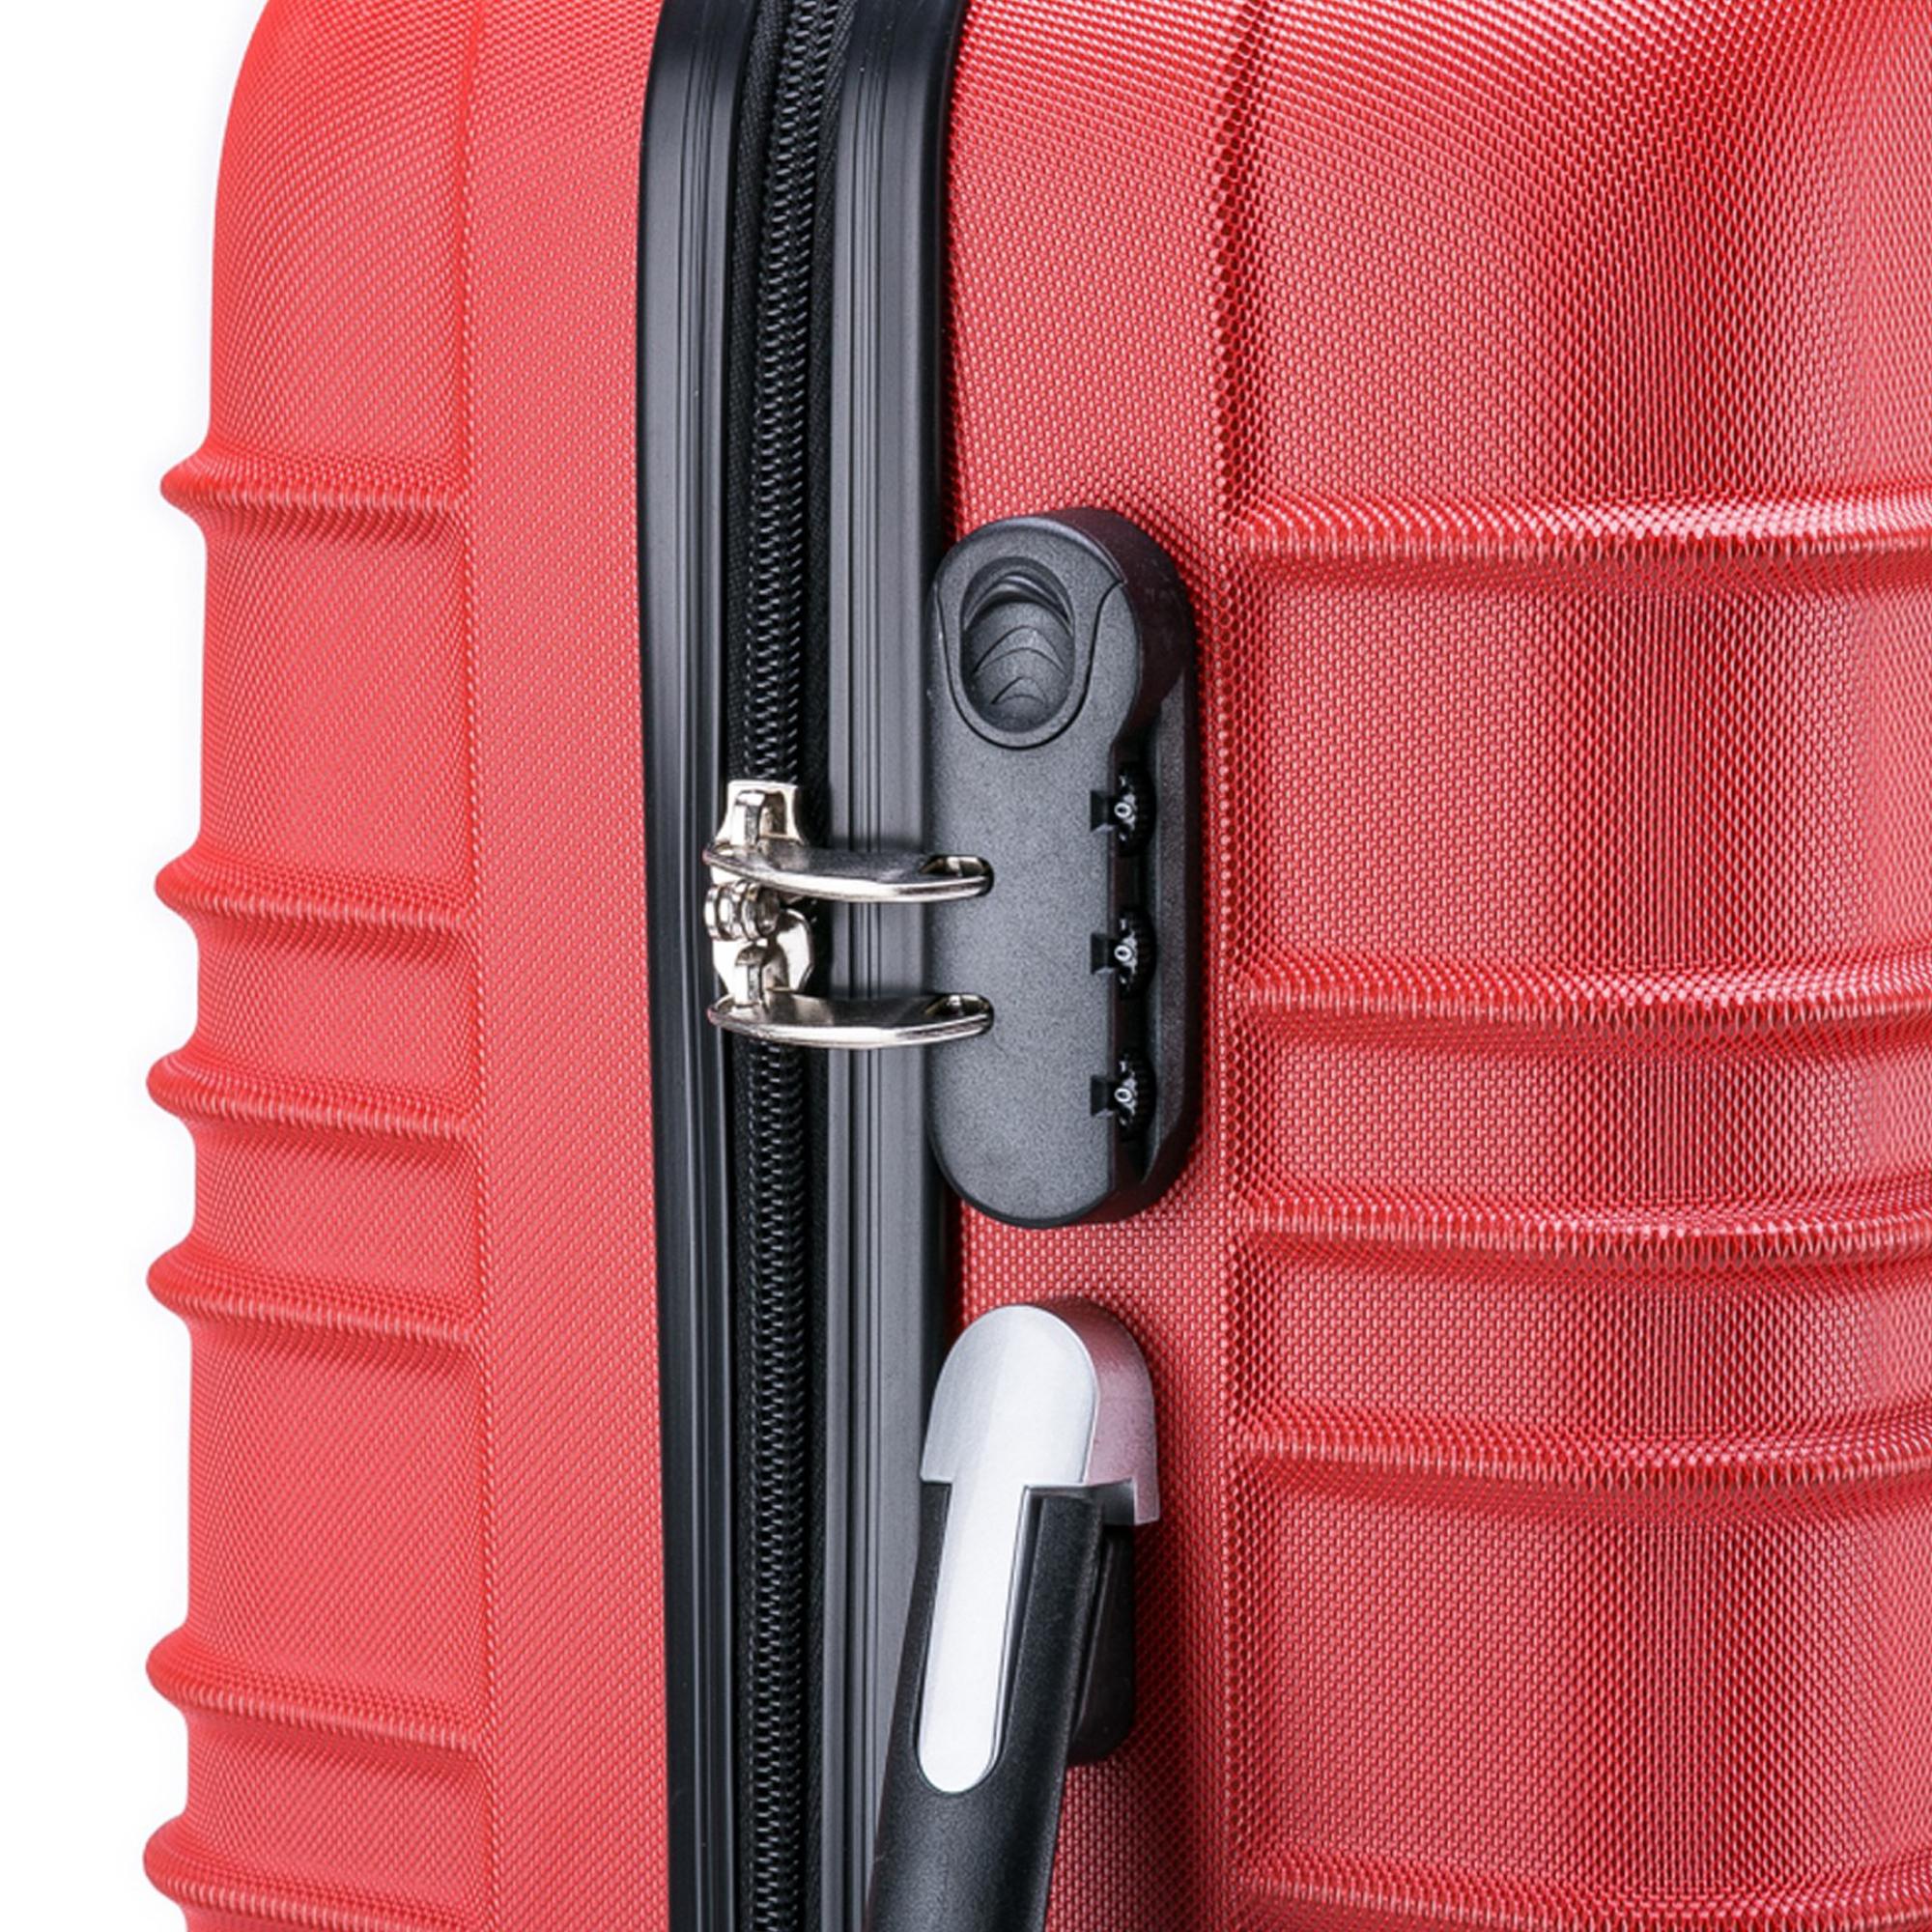 5 teiliges Koffer Set Hartschalenkoffer in 5 Farben - 7